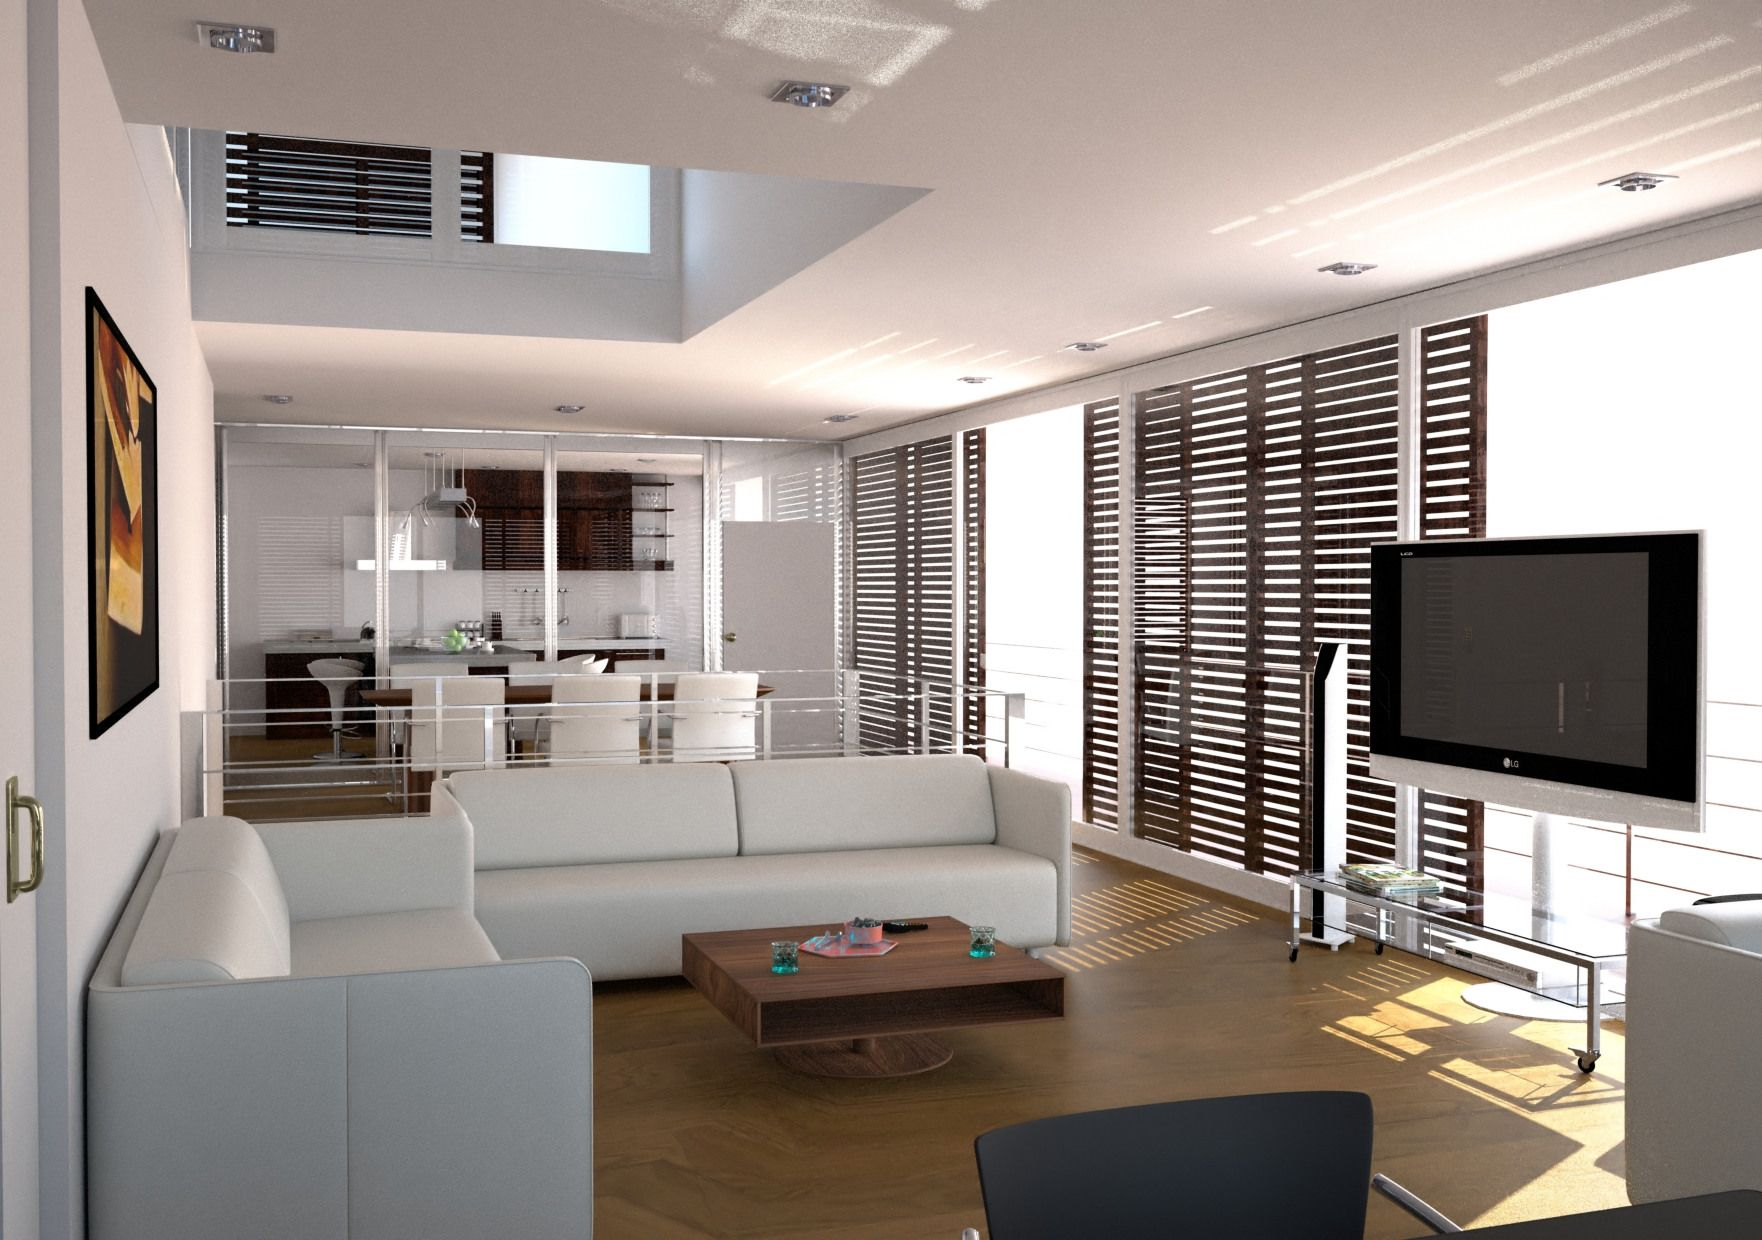 Zutaten In Einem Haus Interieur Design Nummer  Ist Unmöglich